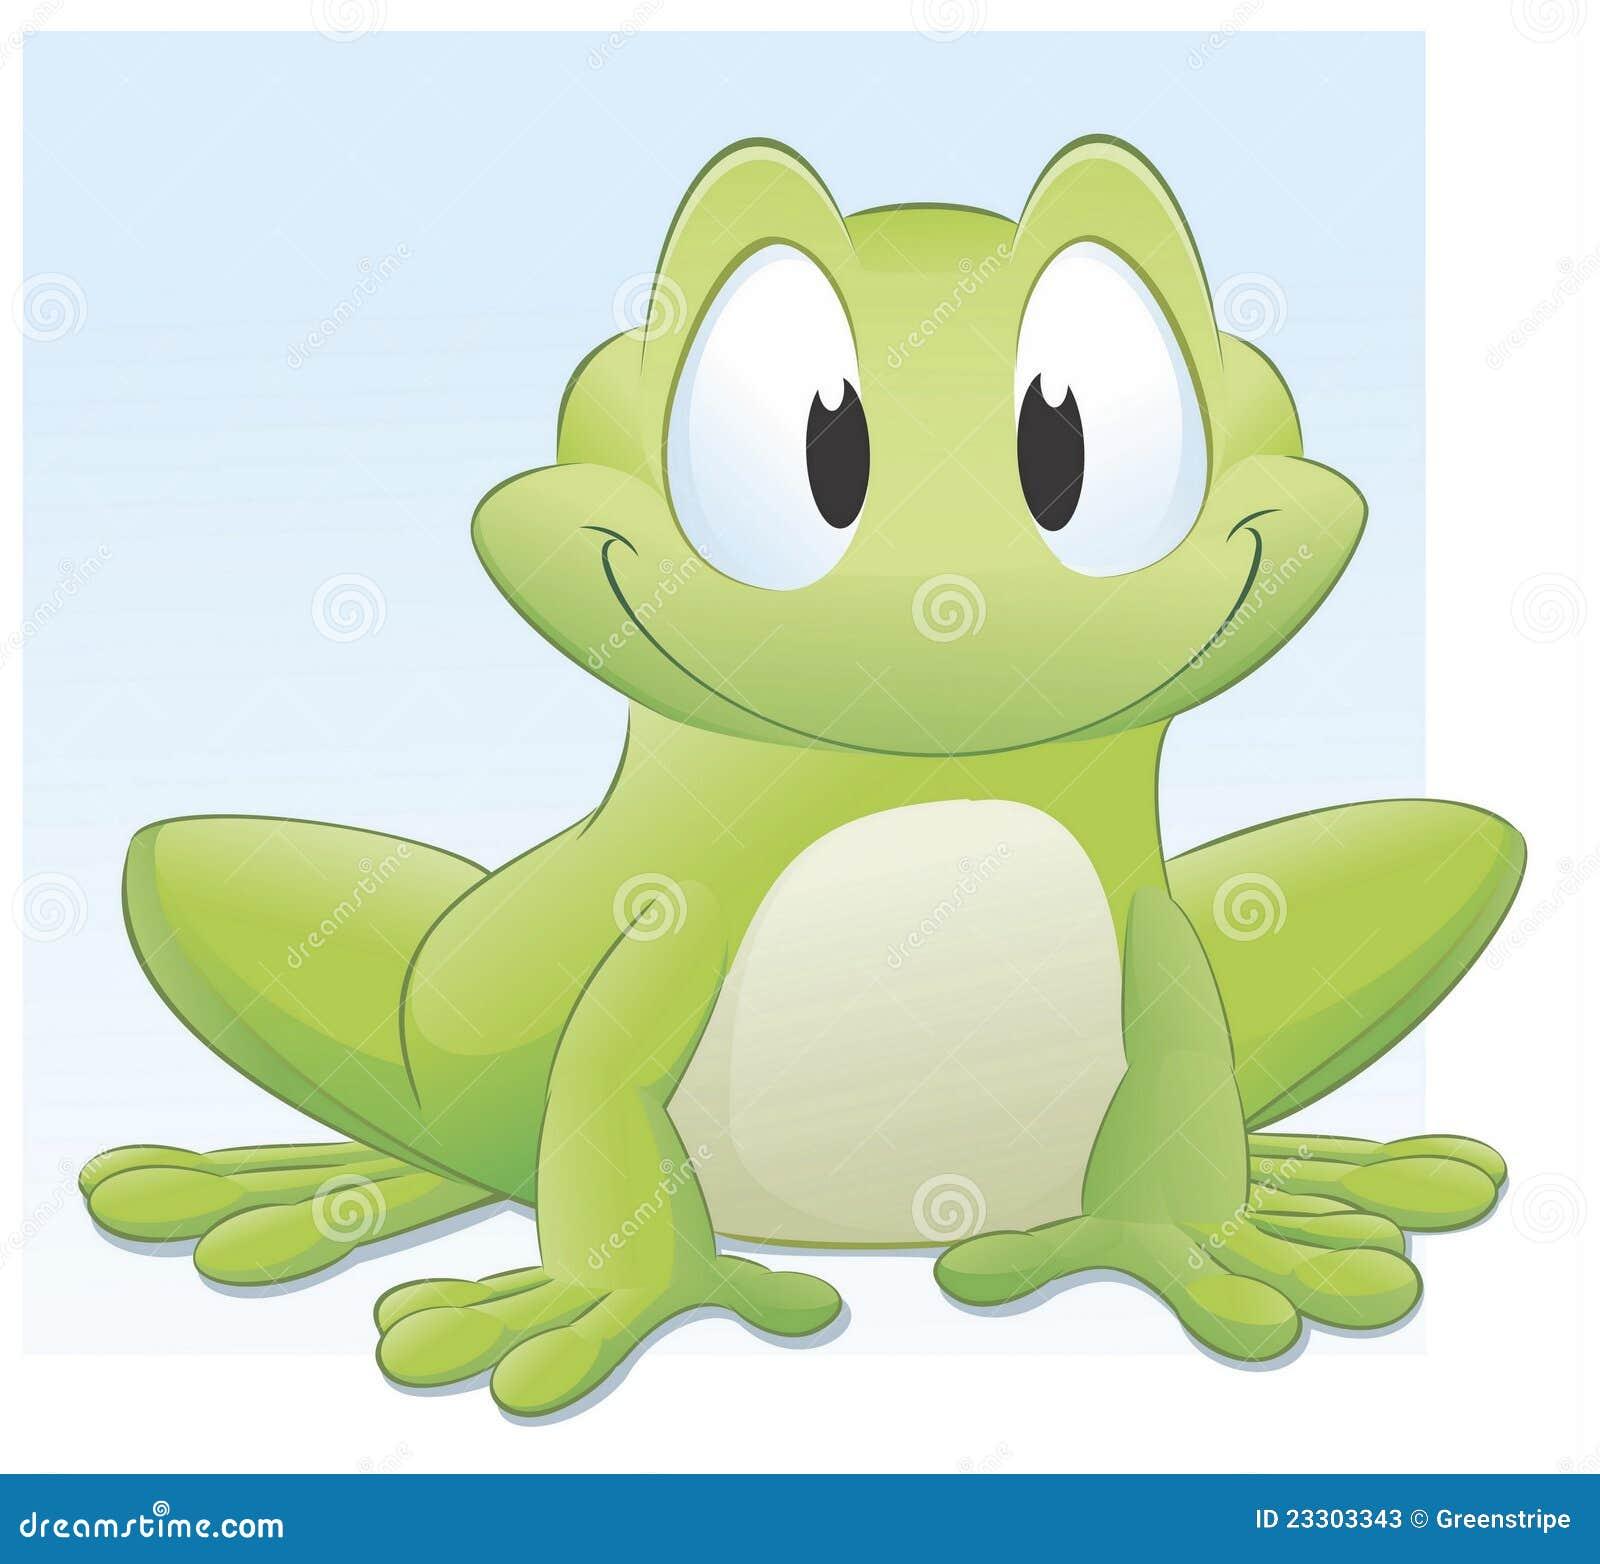 Cartoon Frog Stock Photos Image 23303343